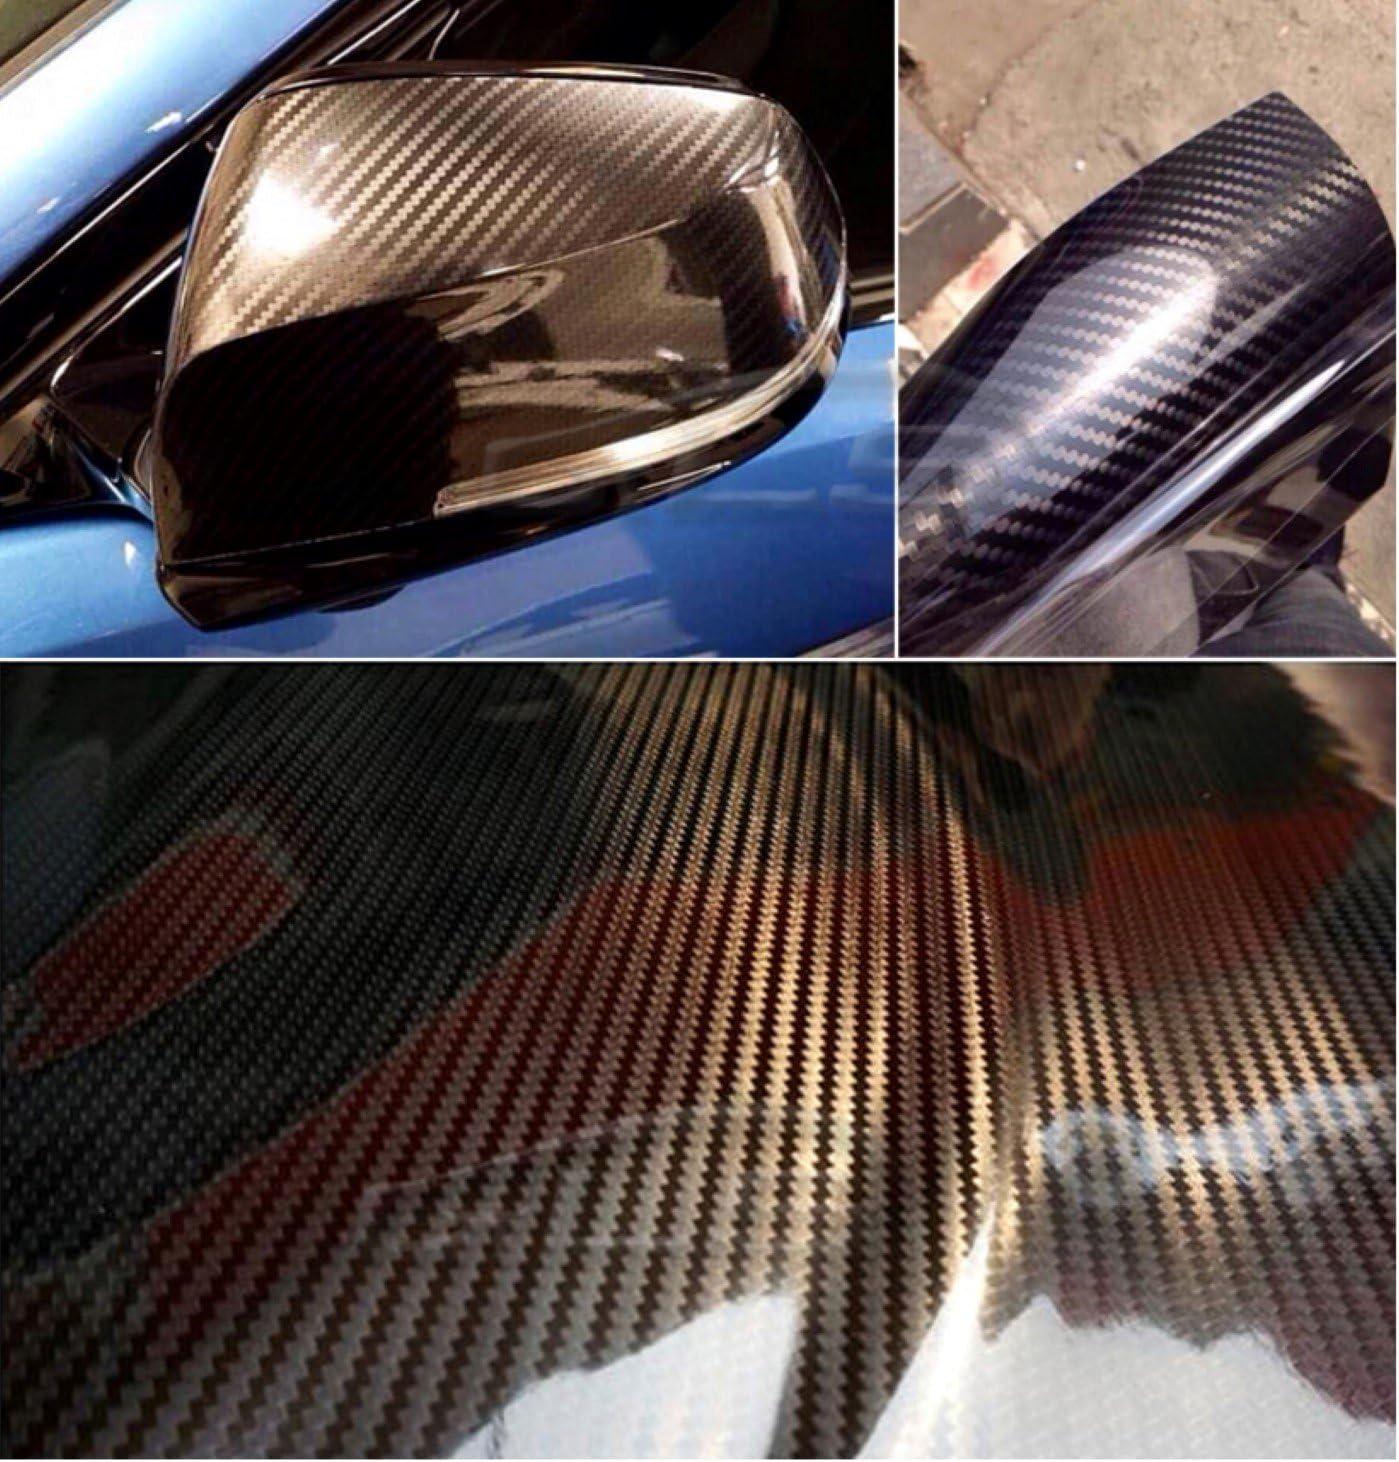 16eur M Carbonfolie Autofolie Folie Carbon Auto Schwarz Glanz 5d 30x150cm Autoaufkleber Hochglanz Auto